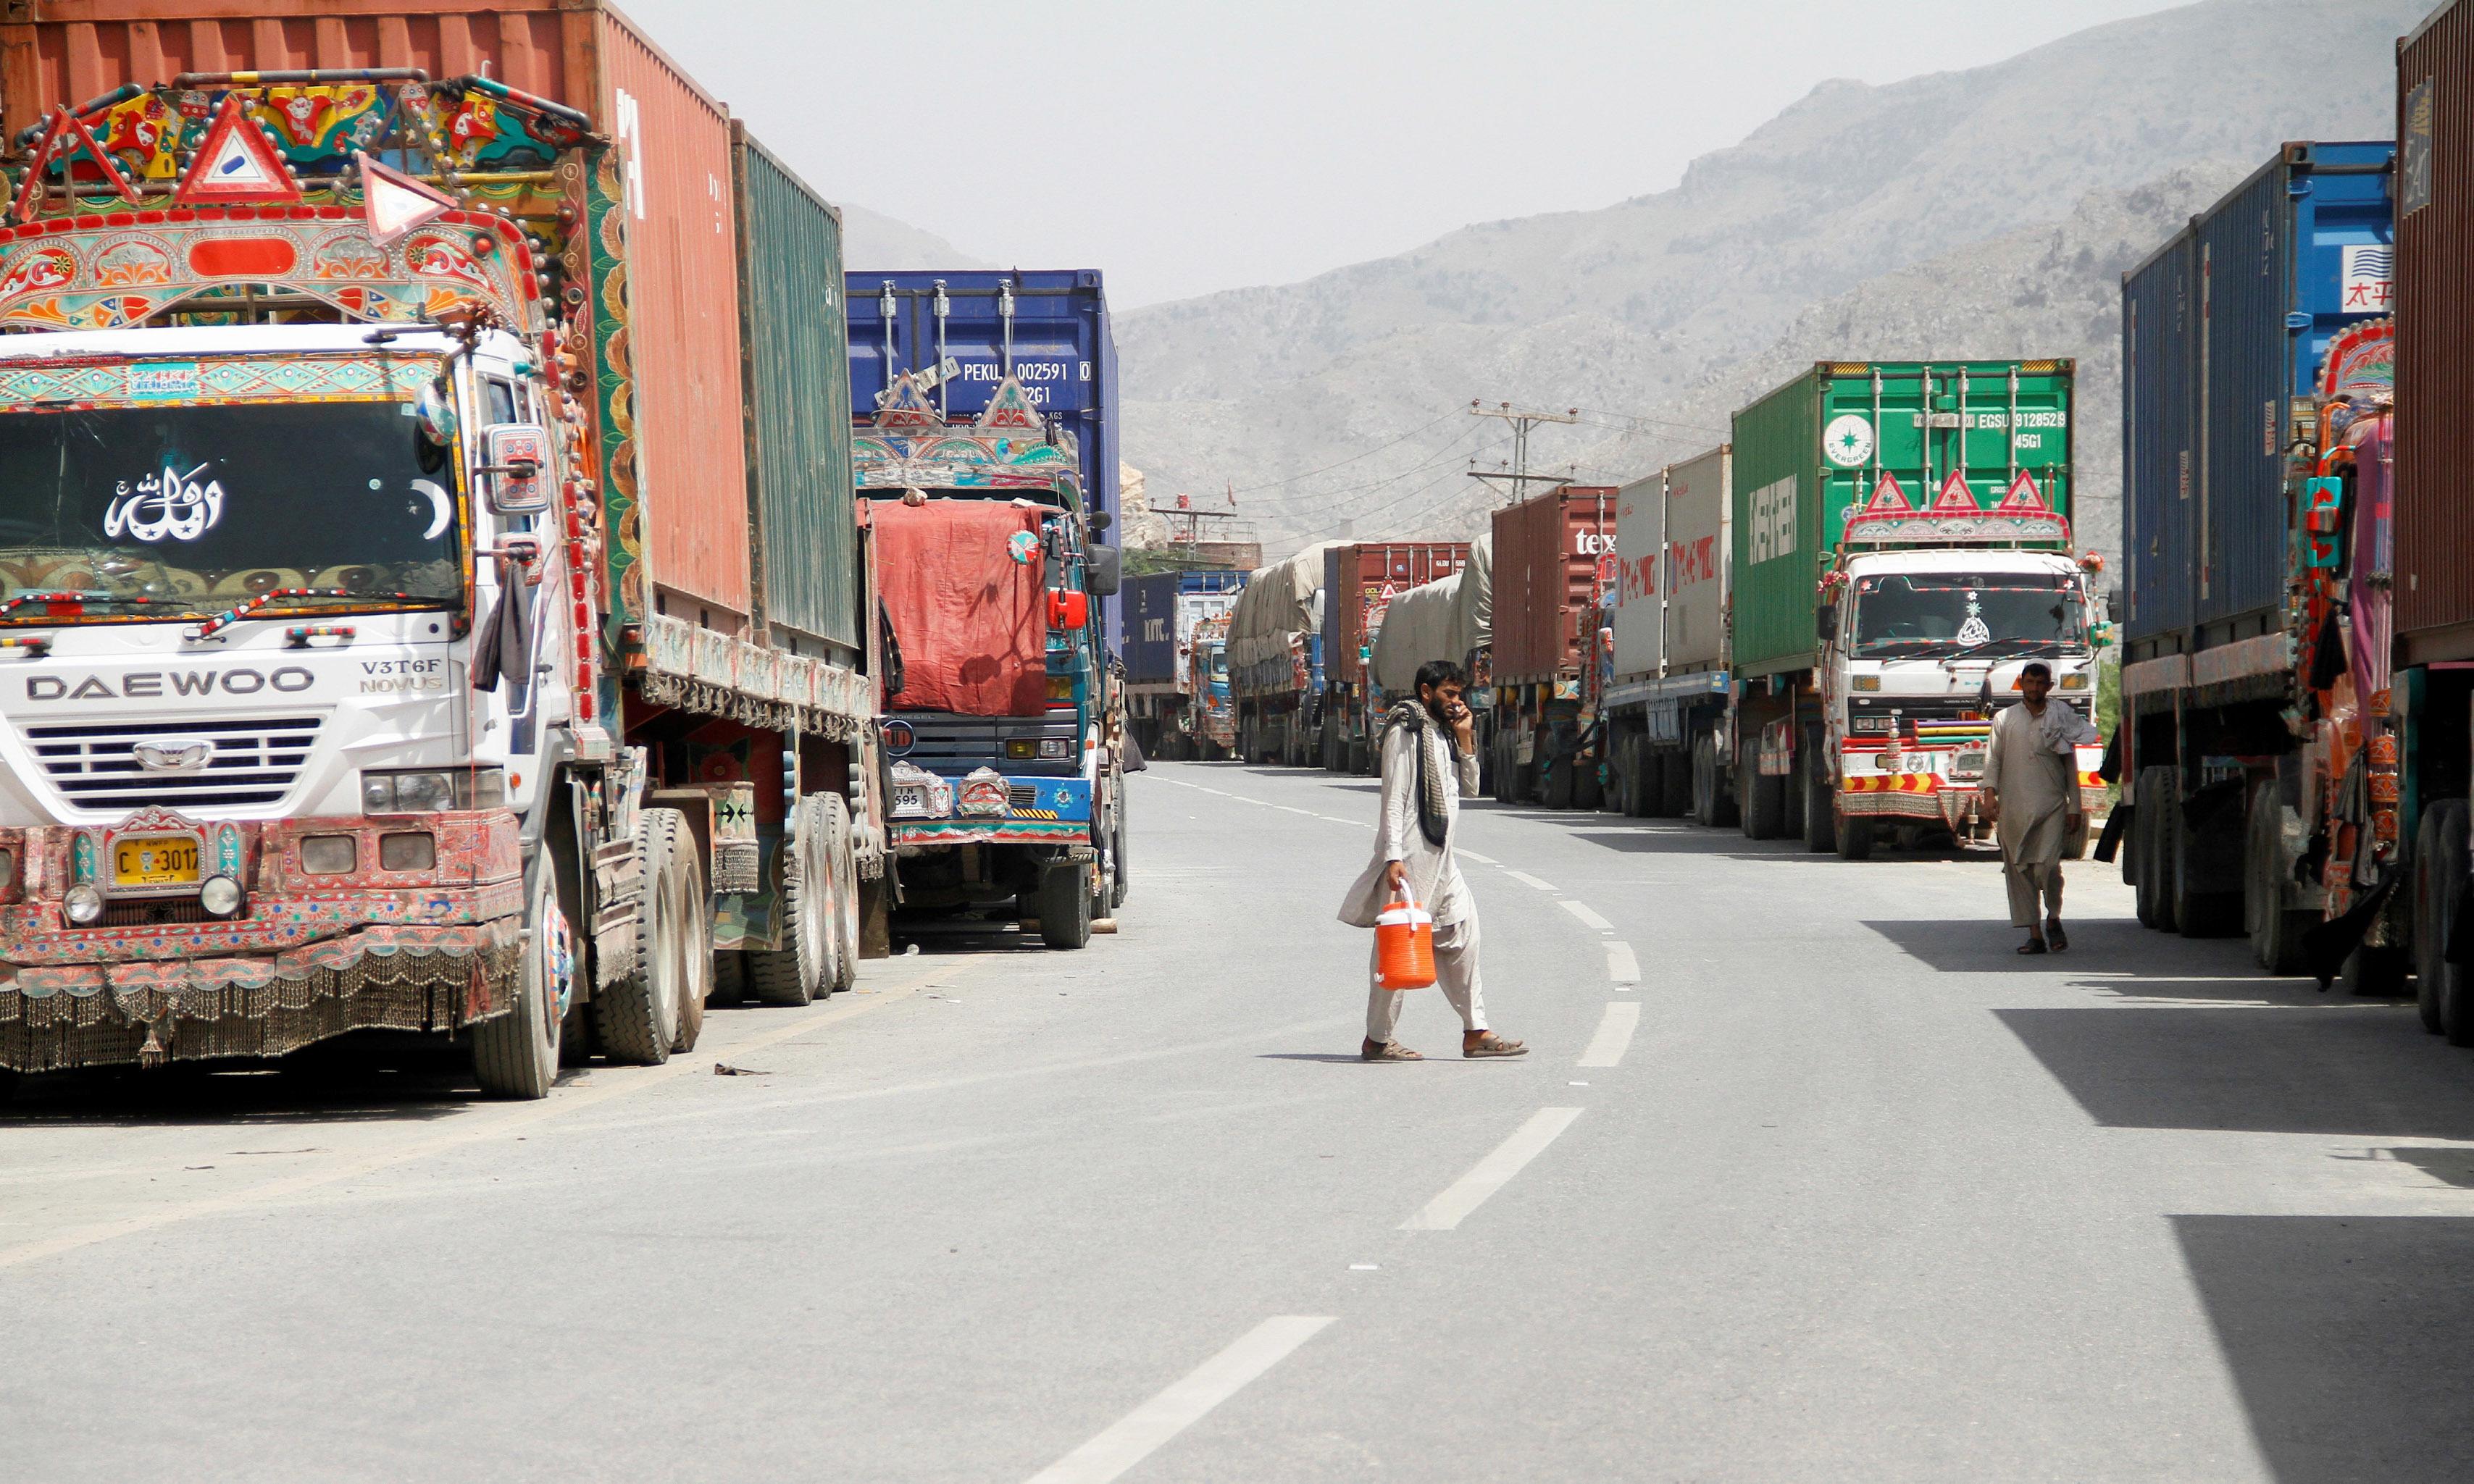 وزیراعظم عمران خان نے 18 ستمبر کو ظورخم سرحد پر ٹرمینل کا افتتاح کیا تھا—فائل/فوٹو:رائٹرز